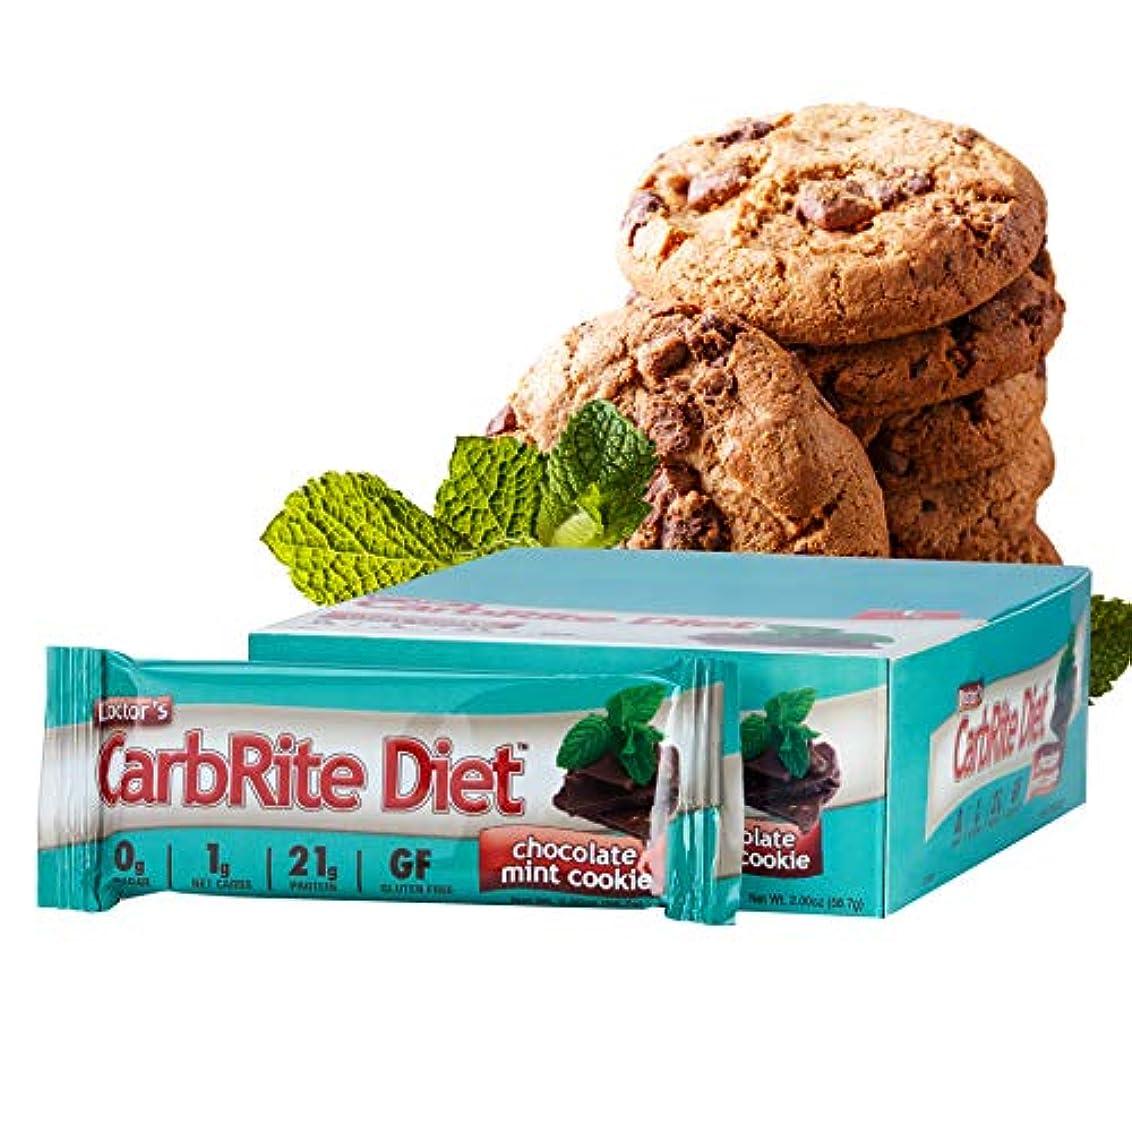 適合しました郵便番号提供ドクターズダイエット?カーボライト?バー?チョコレートミントクッキー 12本